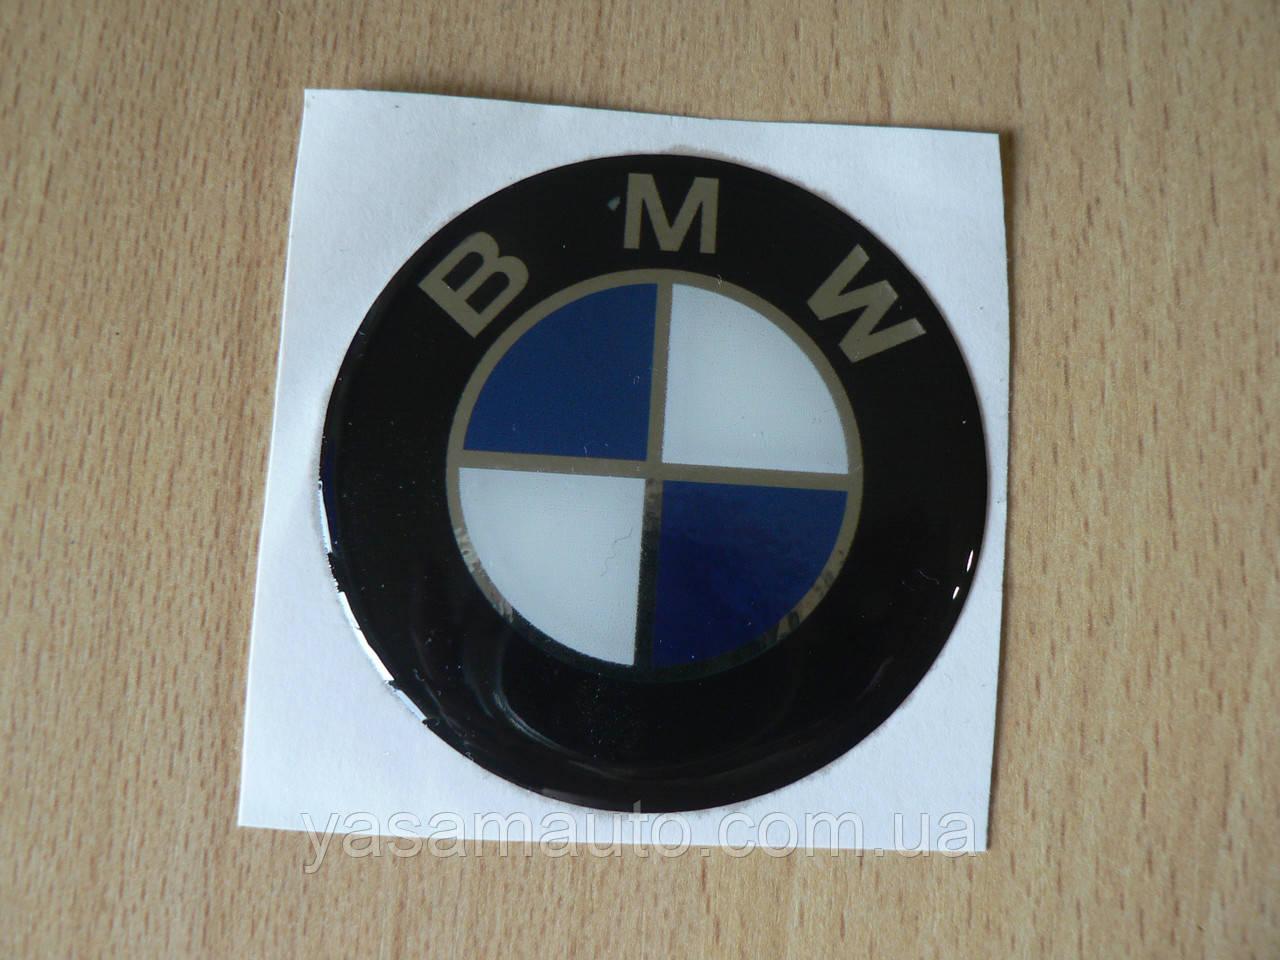 Наклейка s круглая BMW 60х60х1.2мм силиконовая эмблема в круге без ободка на авто 3М БМВ №2